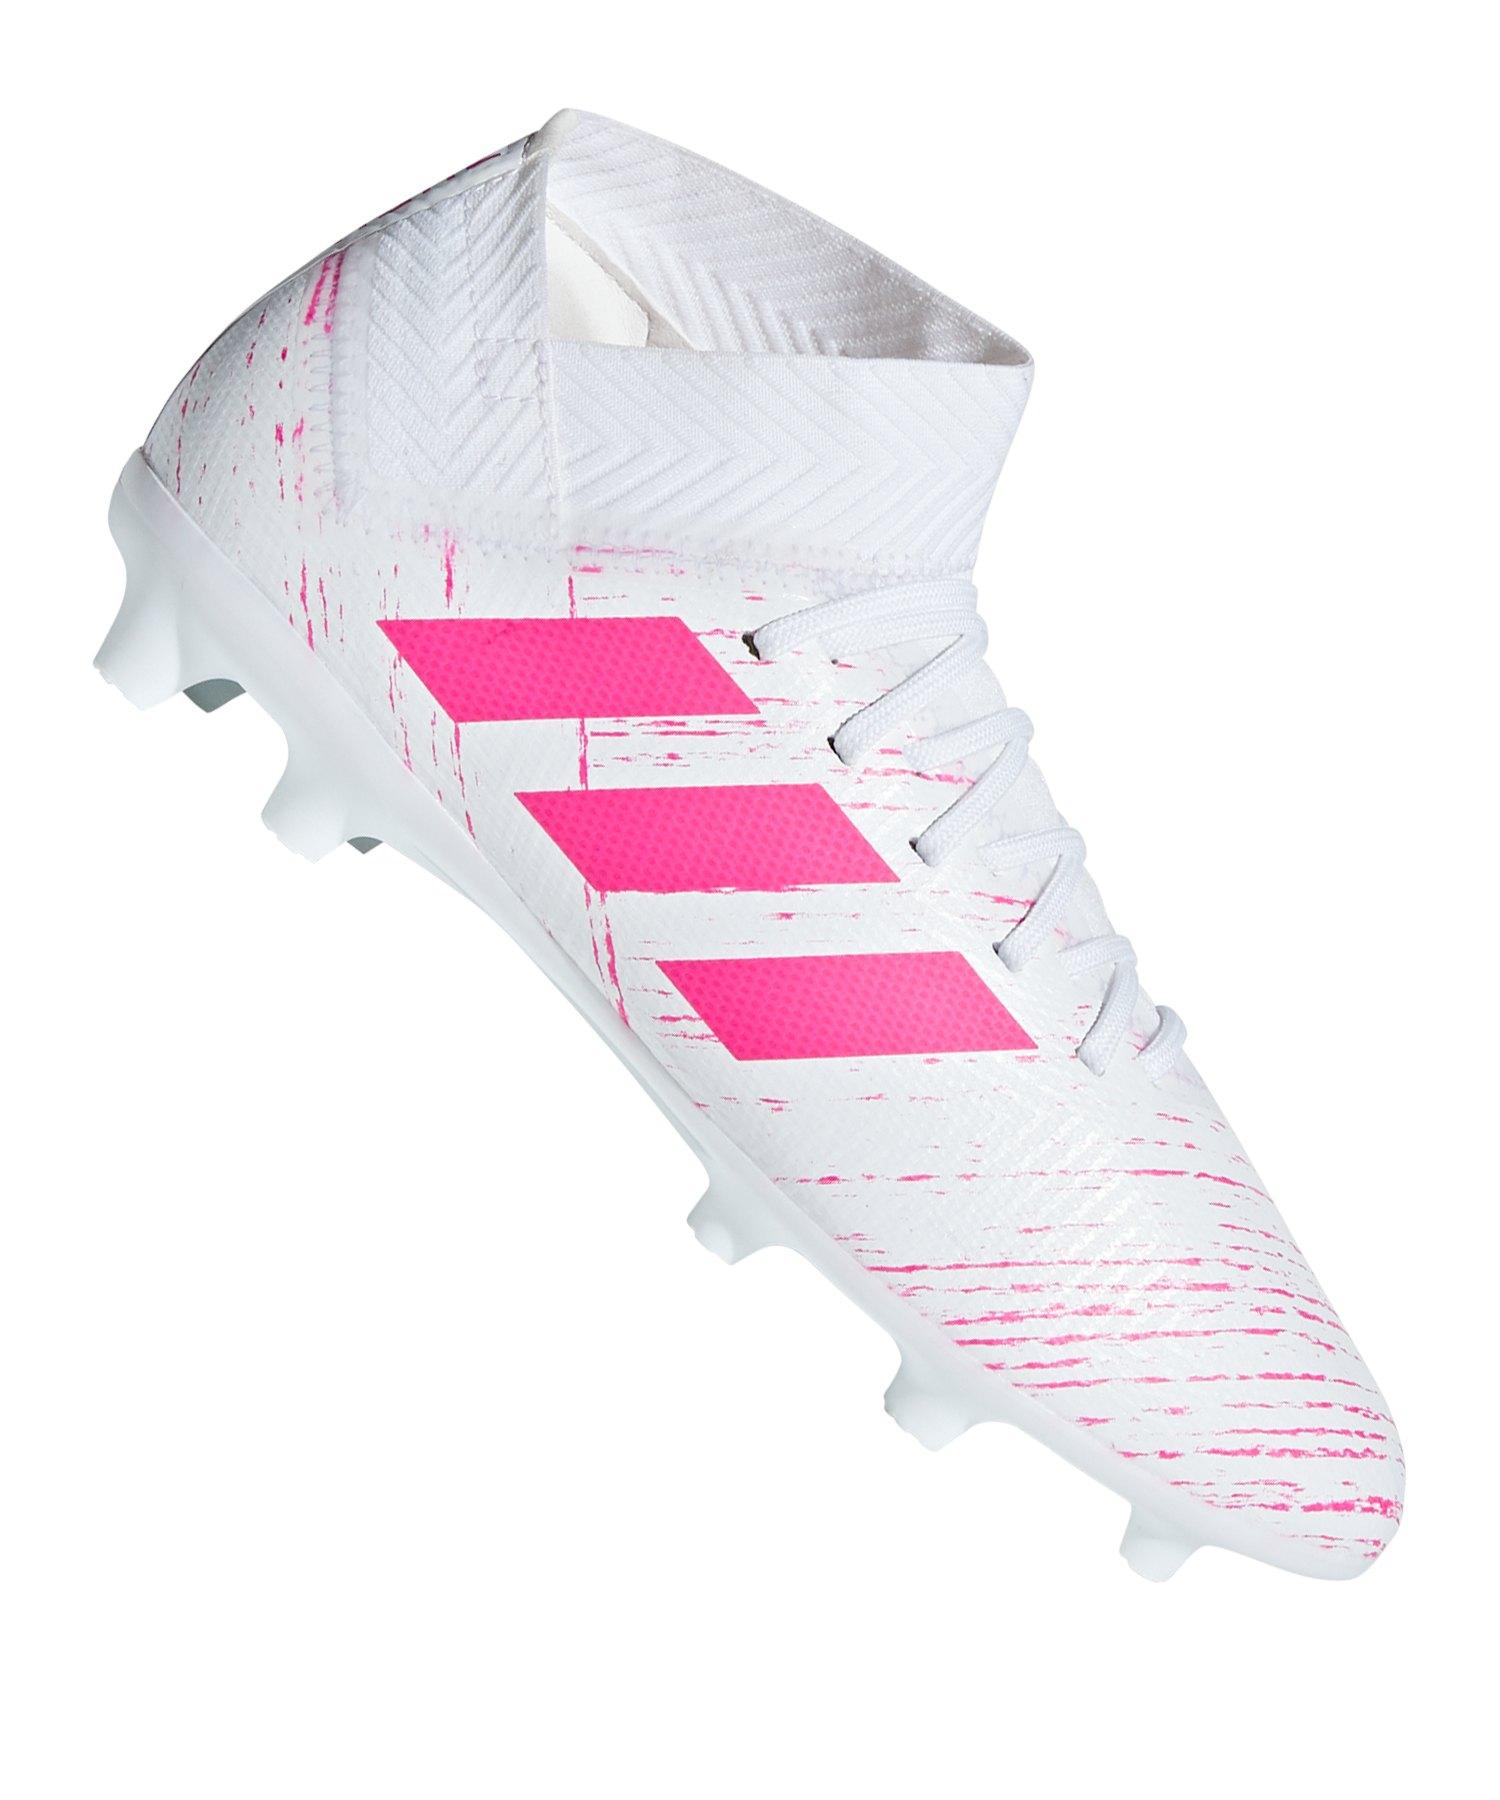 adidas NEMEZIZ 18.3 FG J Kids Weiss Pink - weiss